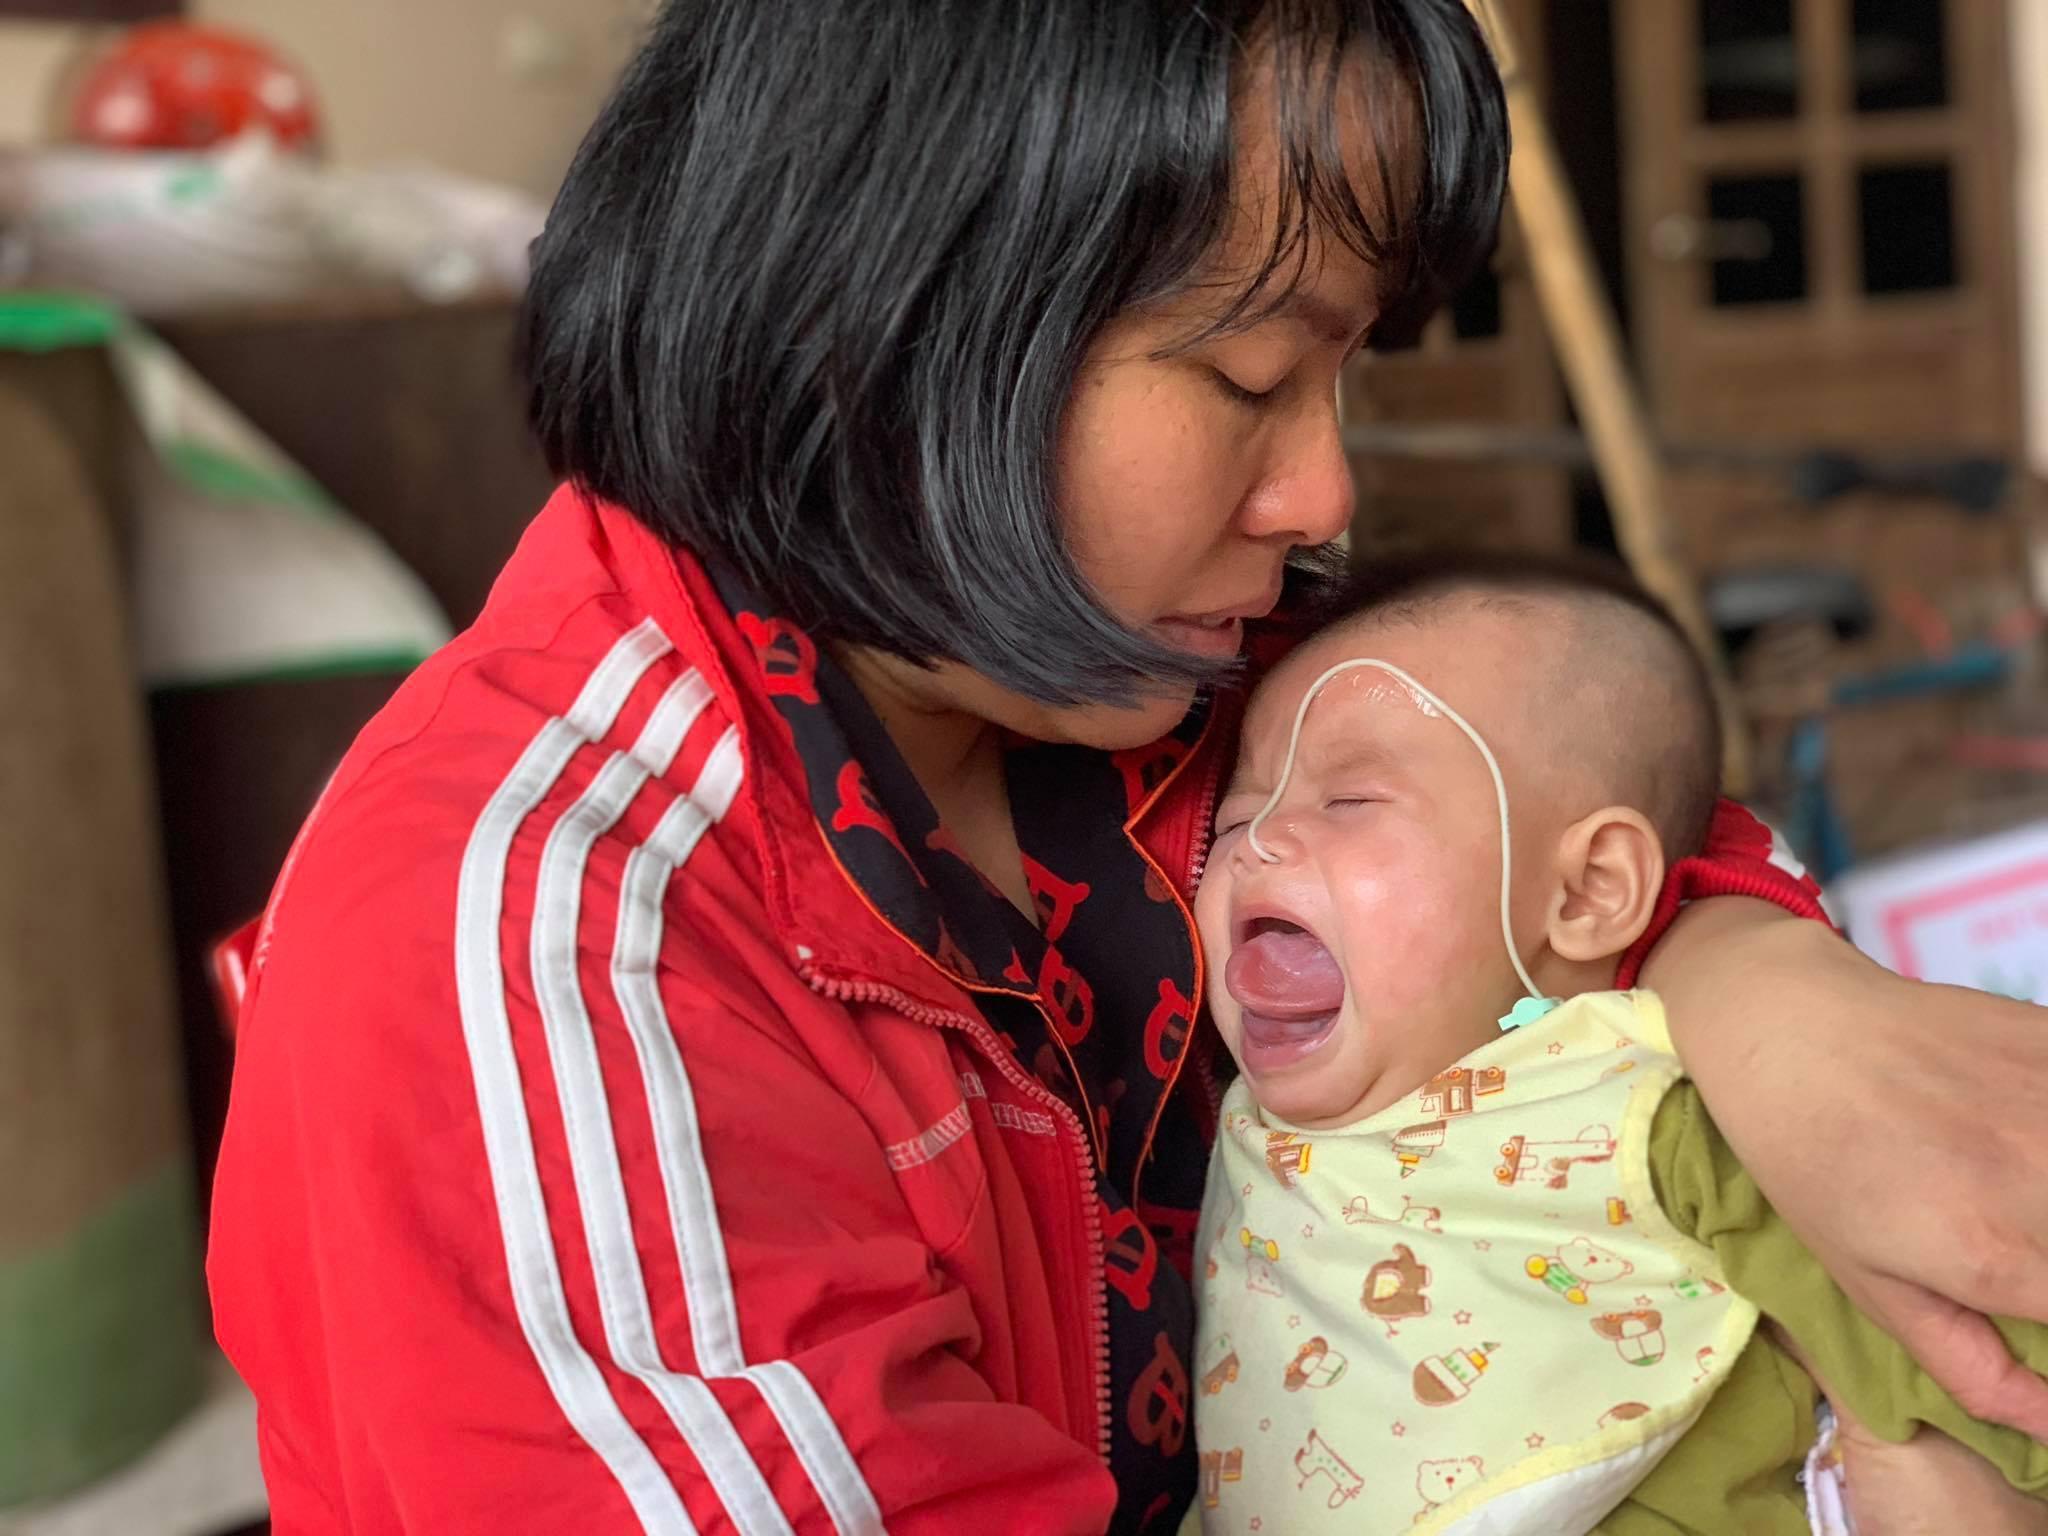 Khối u sưng phồng kín miệng, bé gái 6 tháng mắc đau đớn triền miên